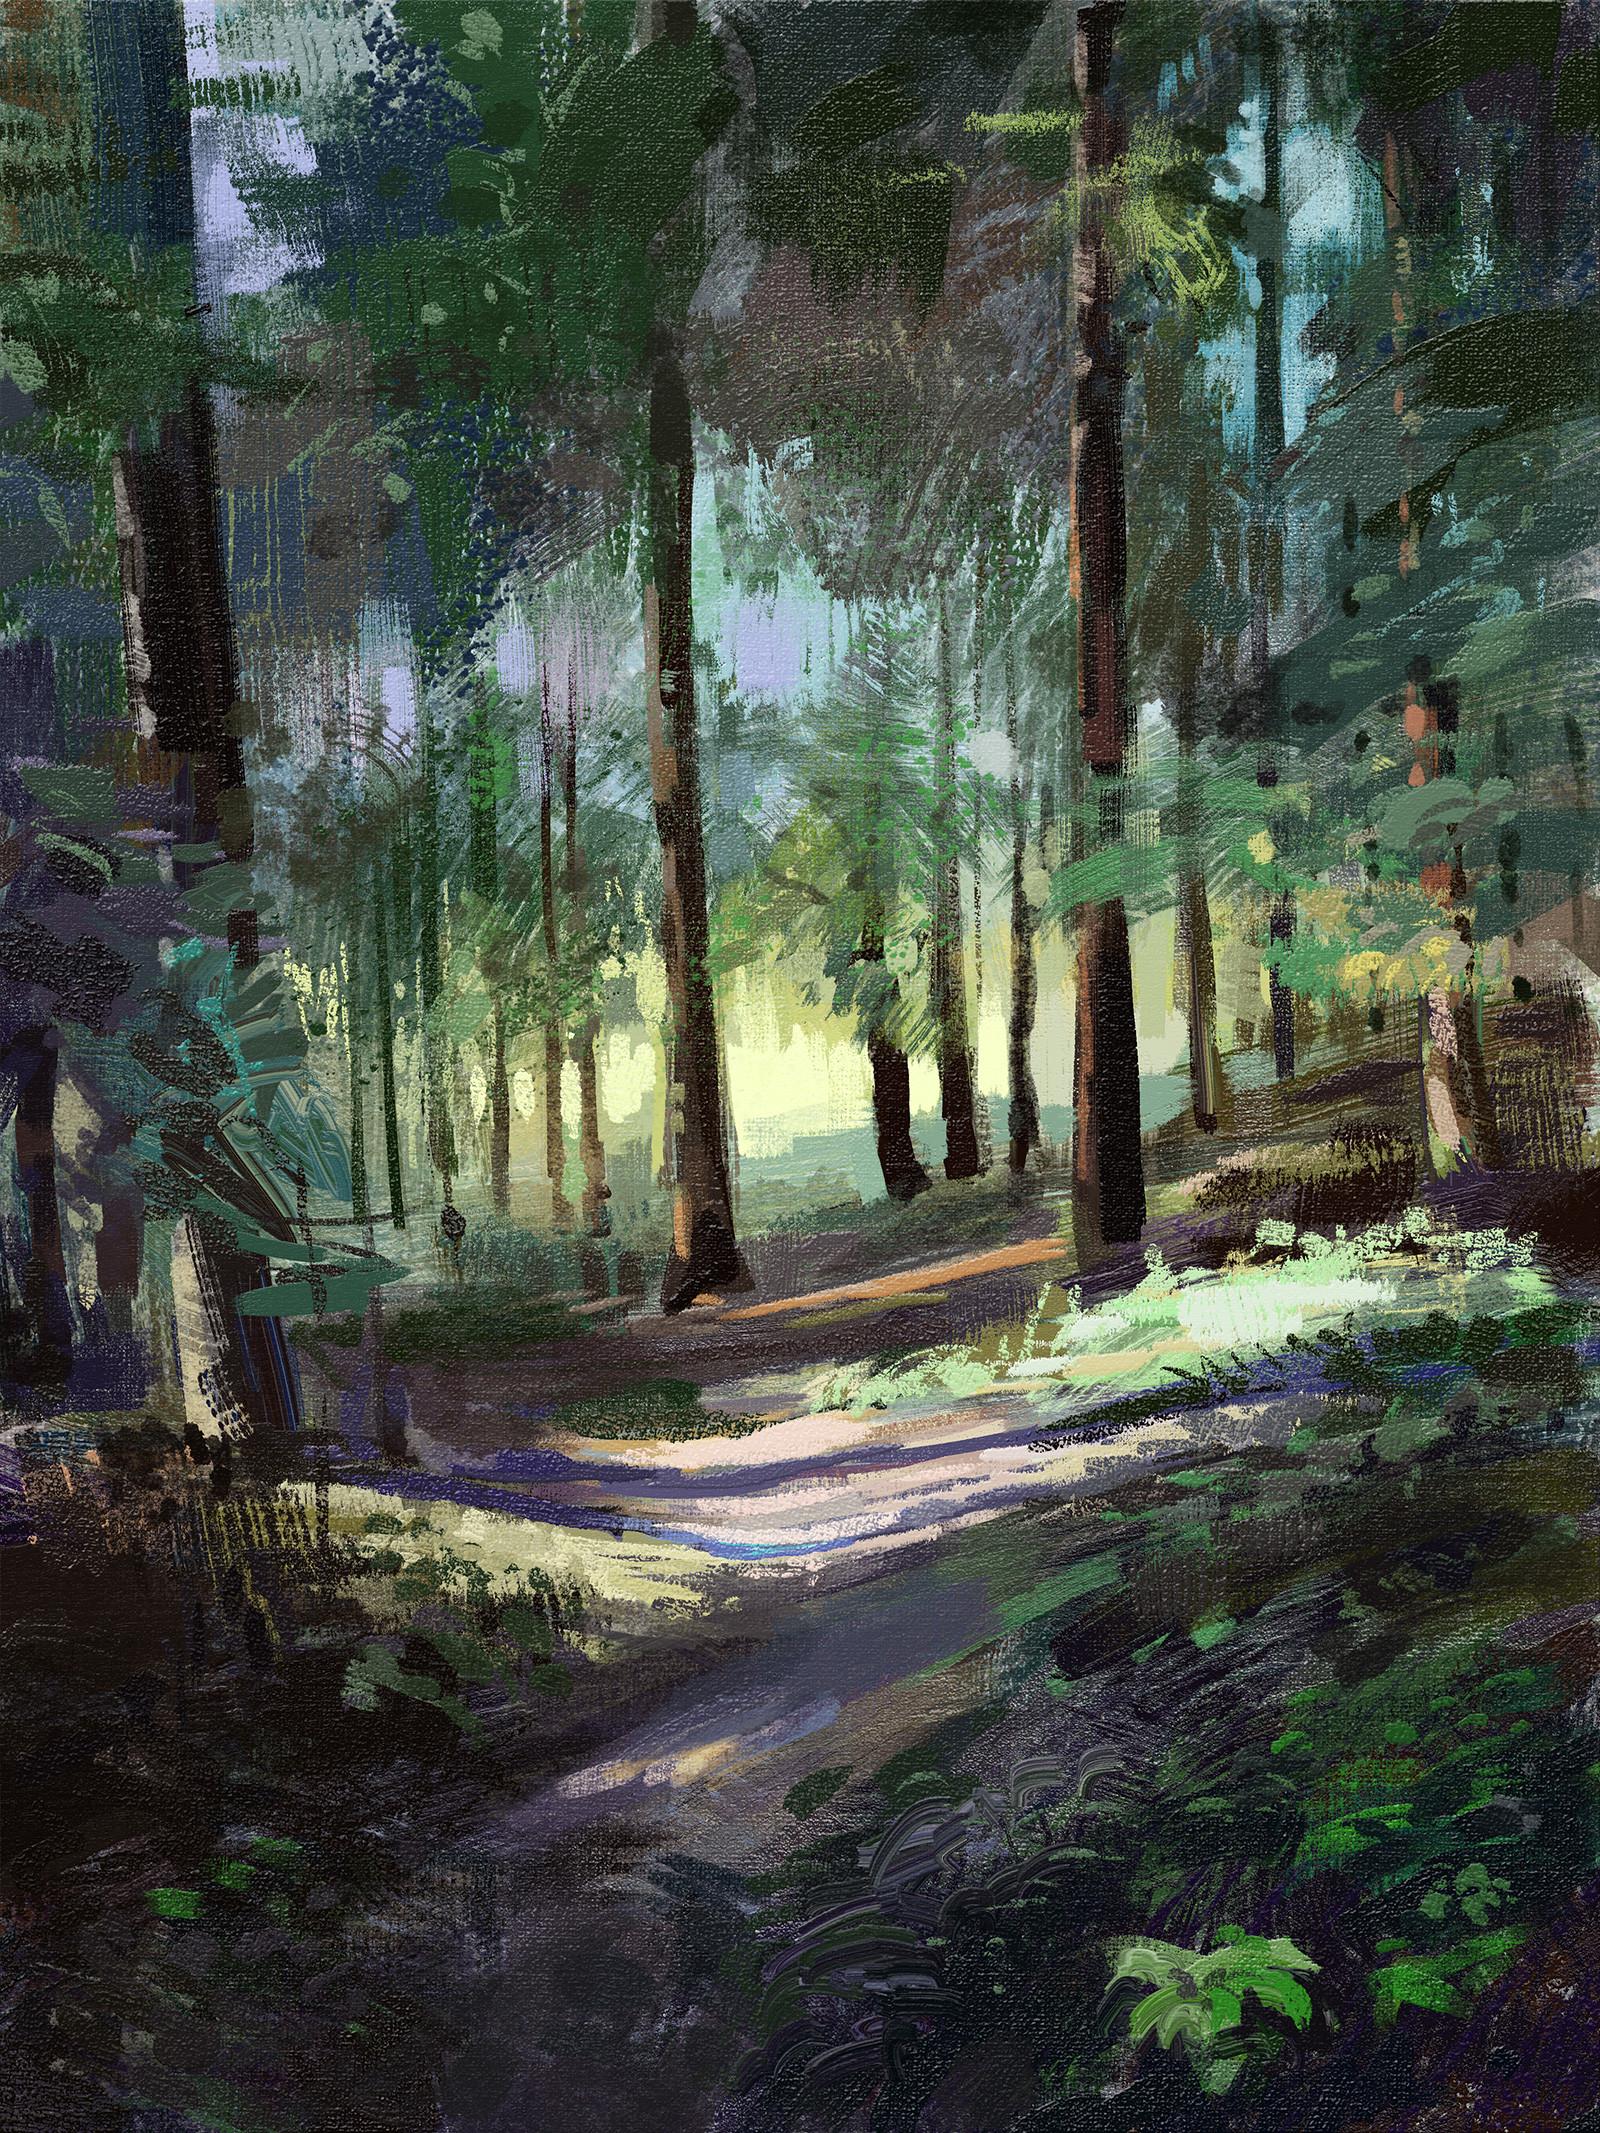 Tymoteusz chliszcz forest by chliszcz